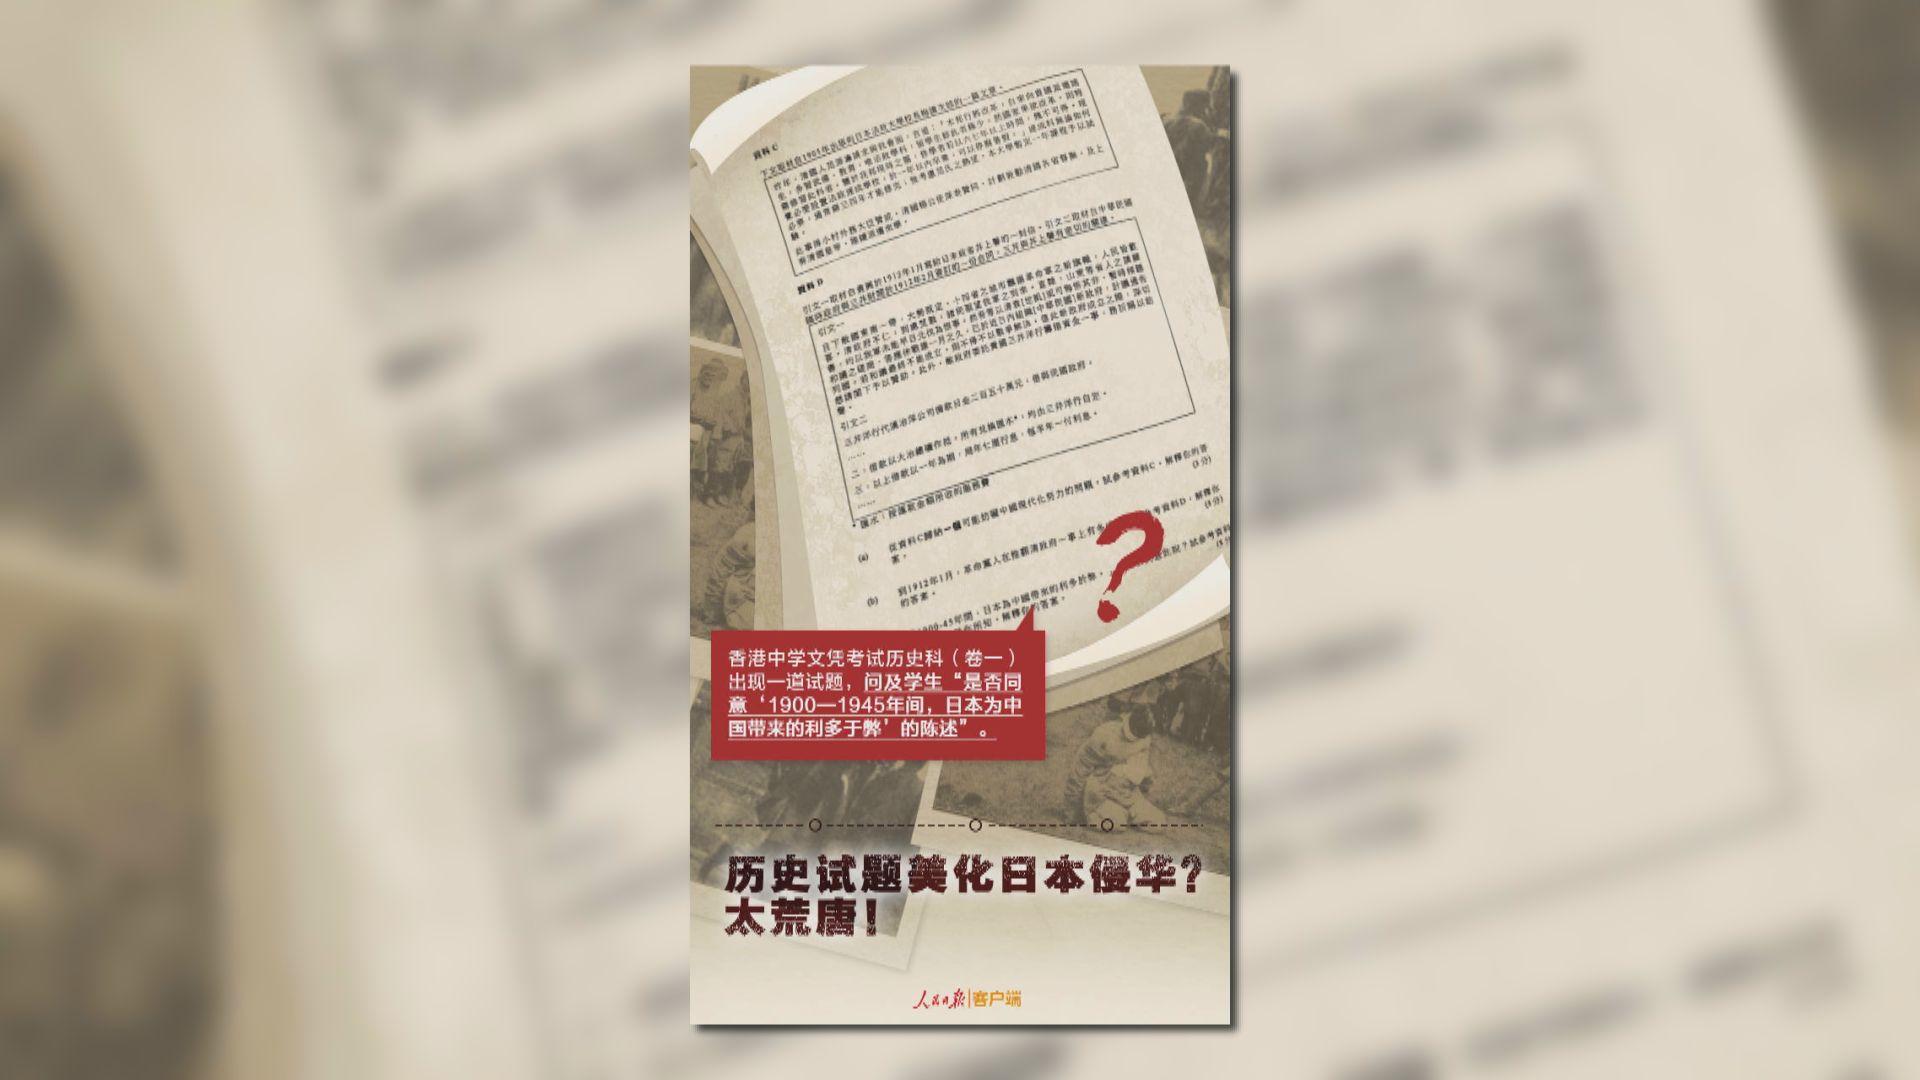 人民日報:香港教育界「中毒」至深 要刮骨療毒